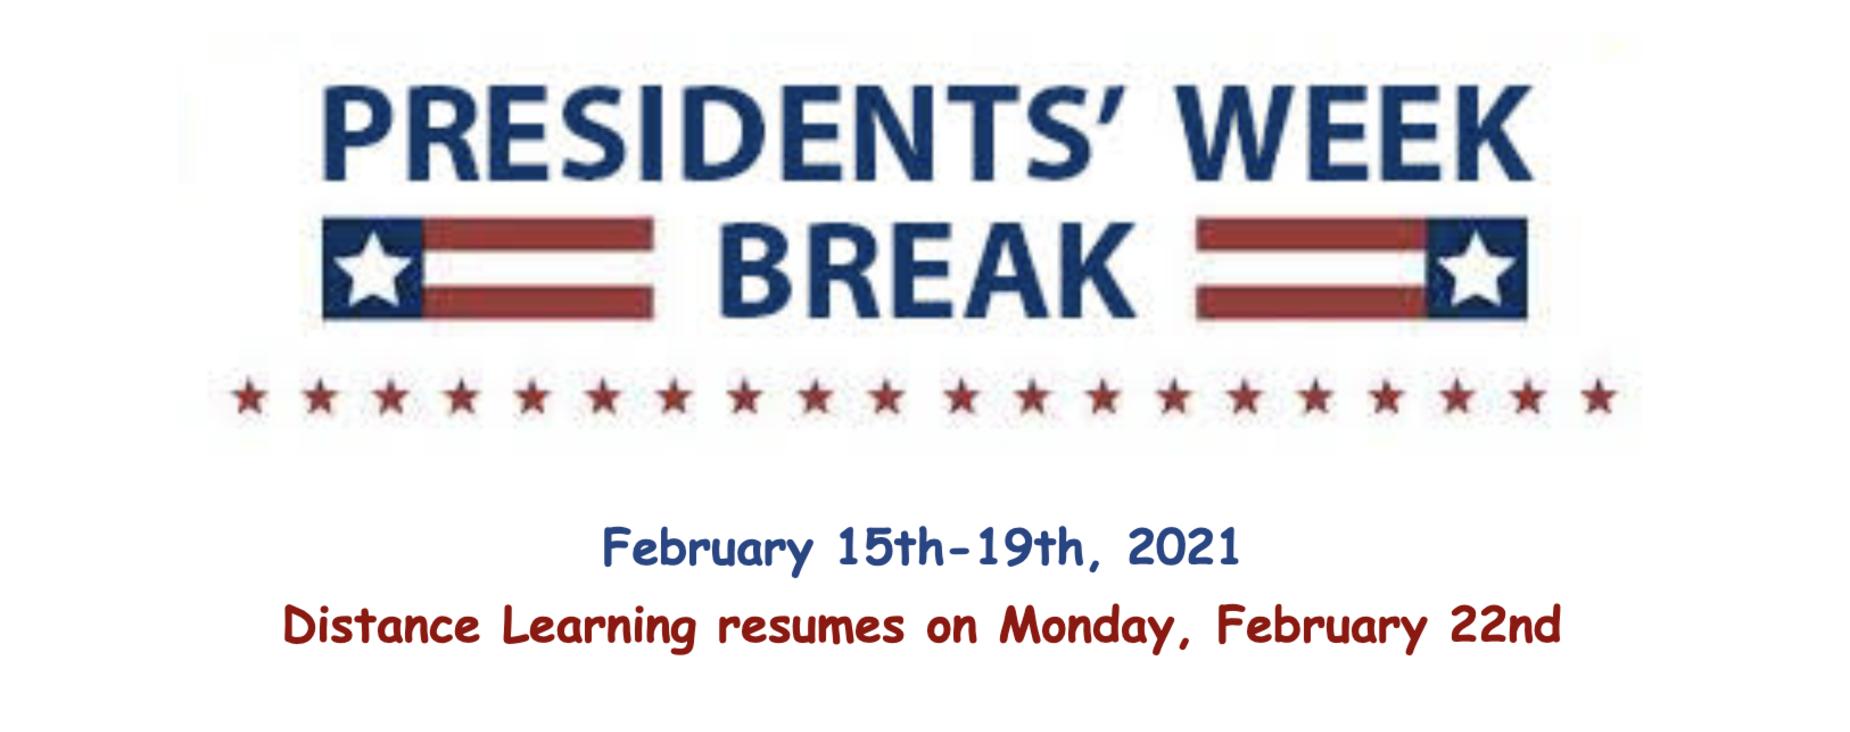 Presidents' Week February 15-19